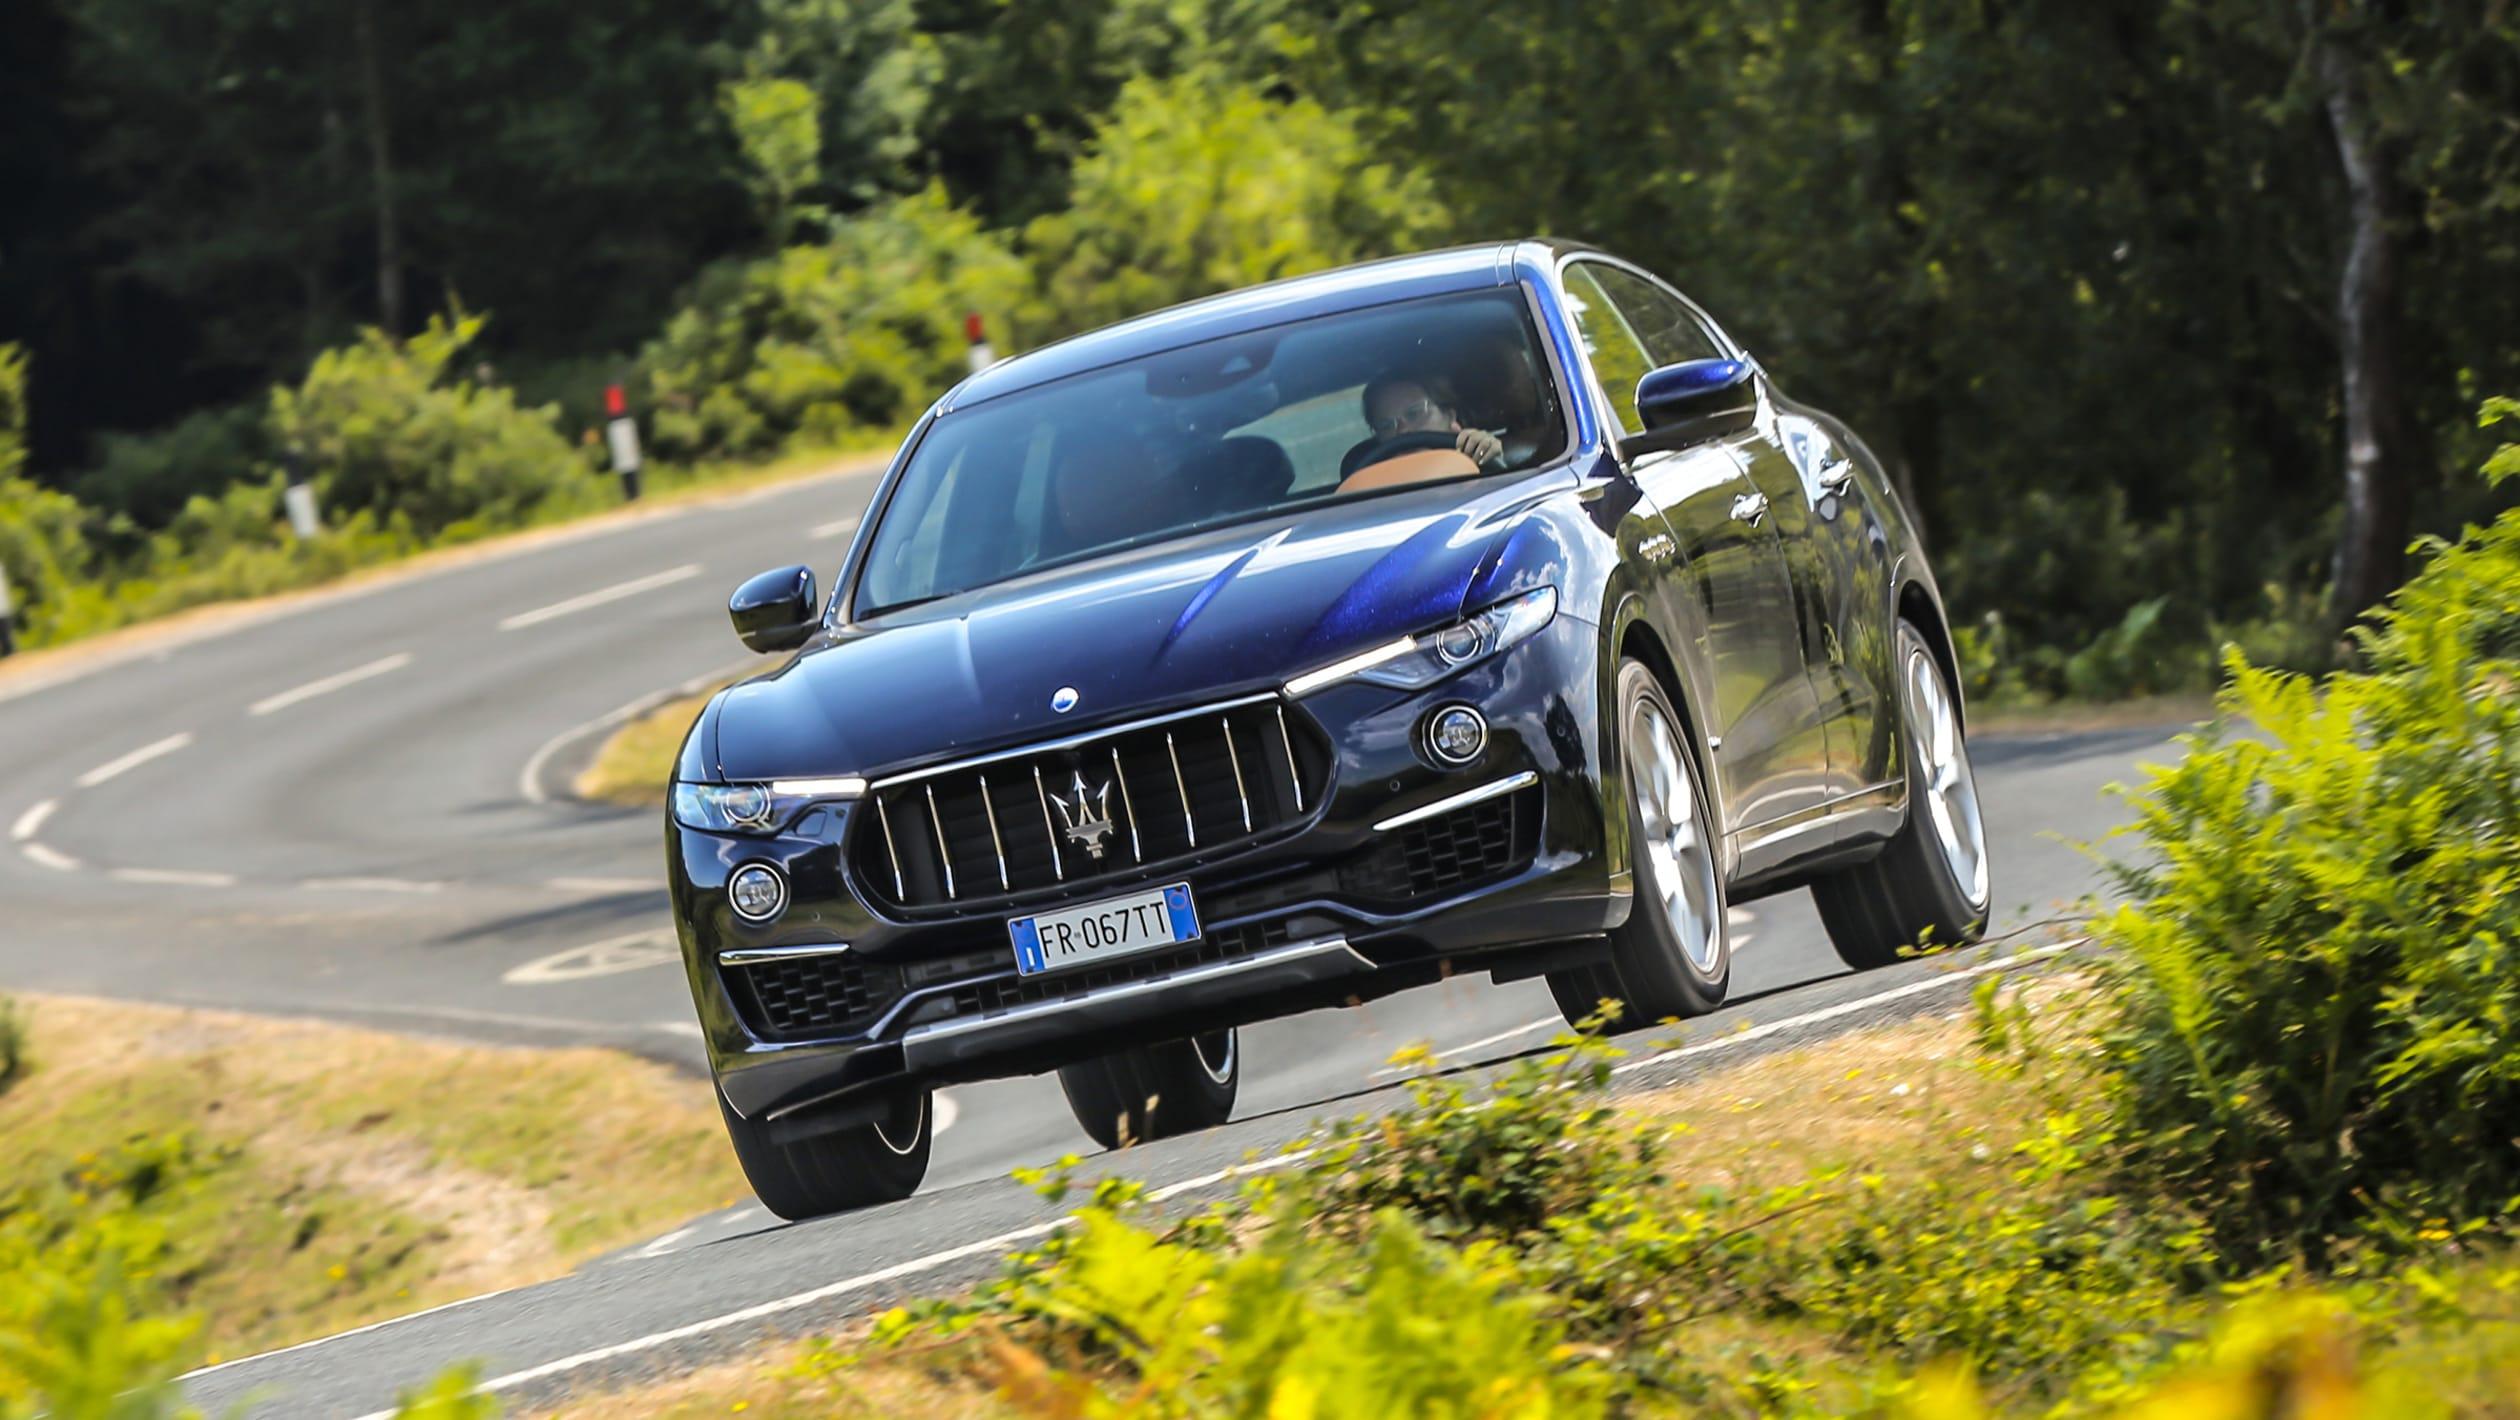 Maserati Levante 2021 - 2022 Có Gì Mới, Giá Bán Bao Nhiêu